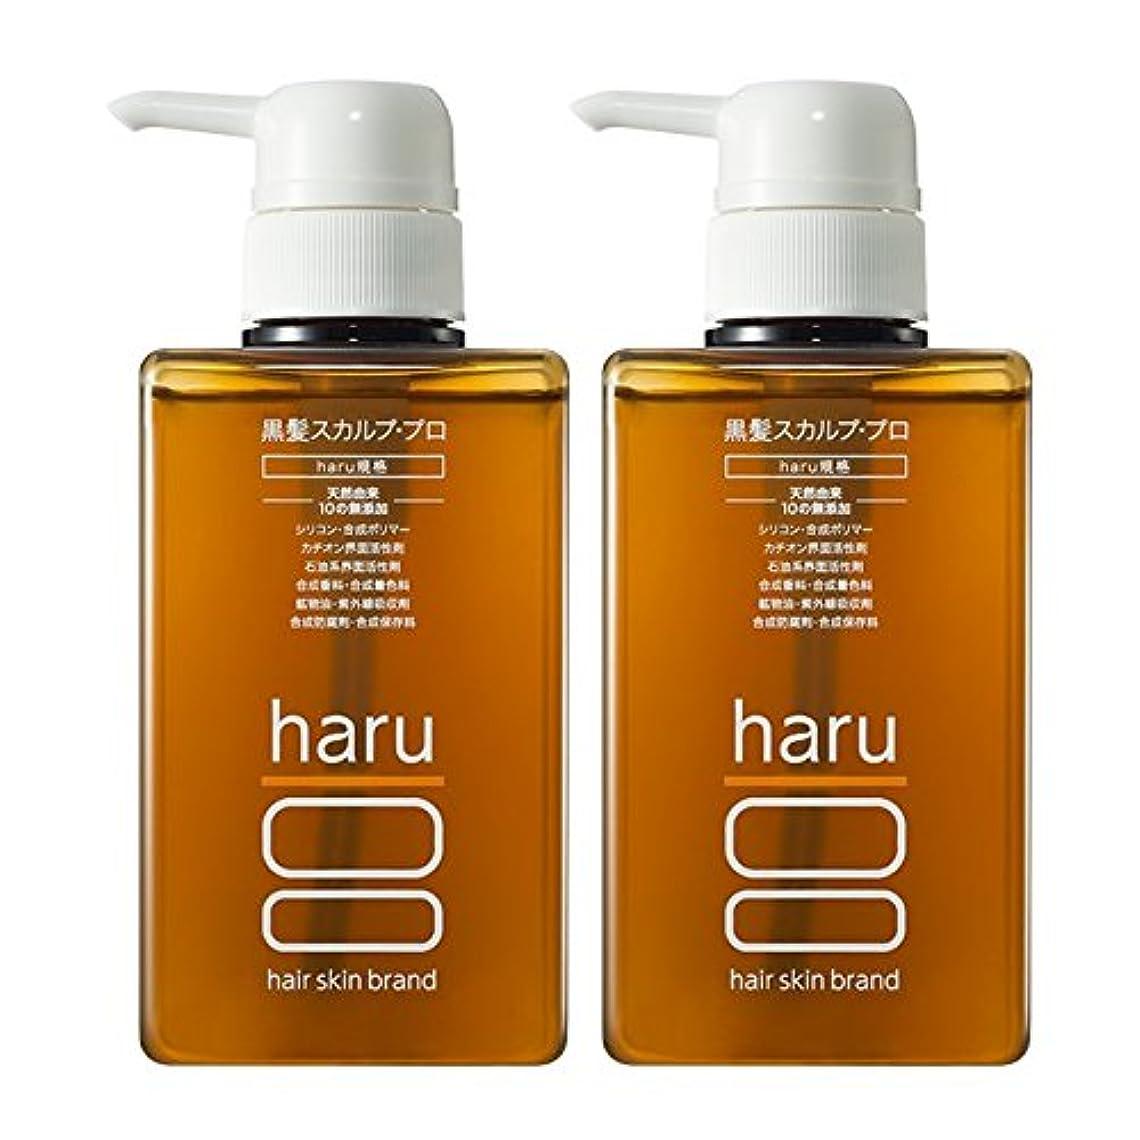 ウィザードより多いシルエット《5% OFF》haru 黒髪スカルプ?プロ 400ml 2本セット